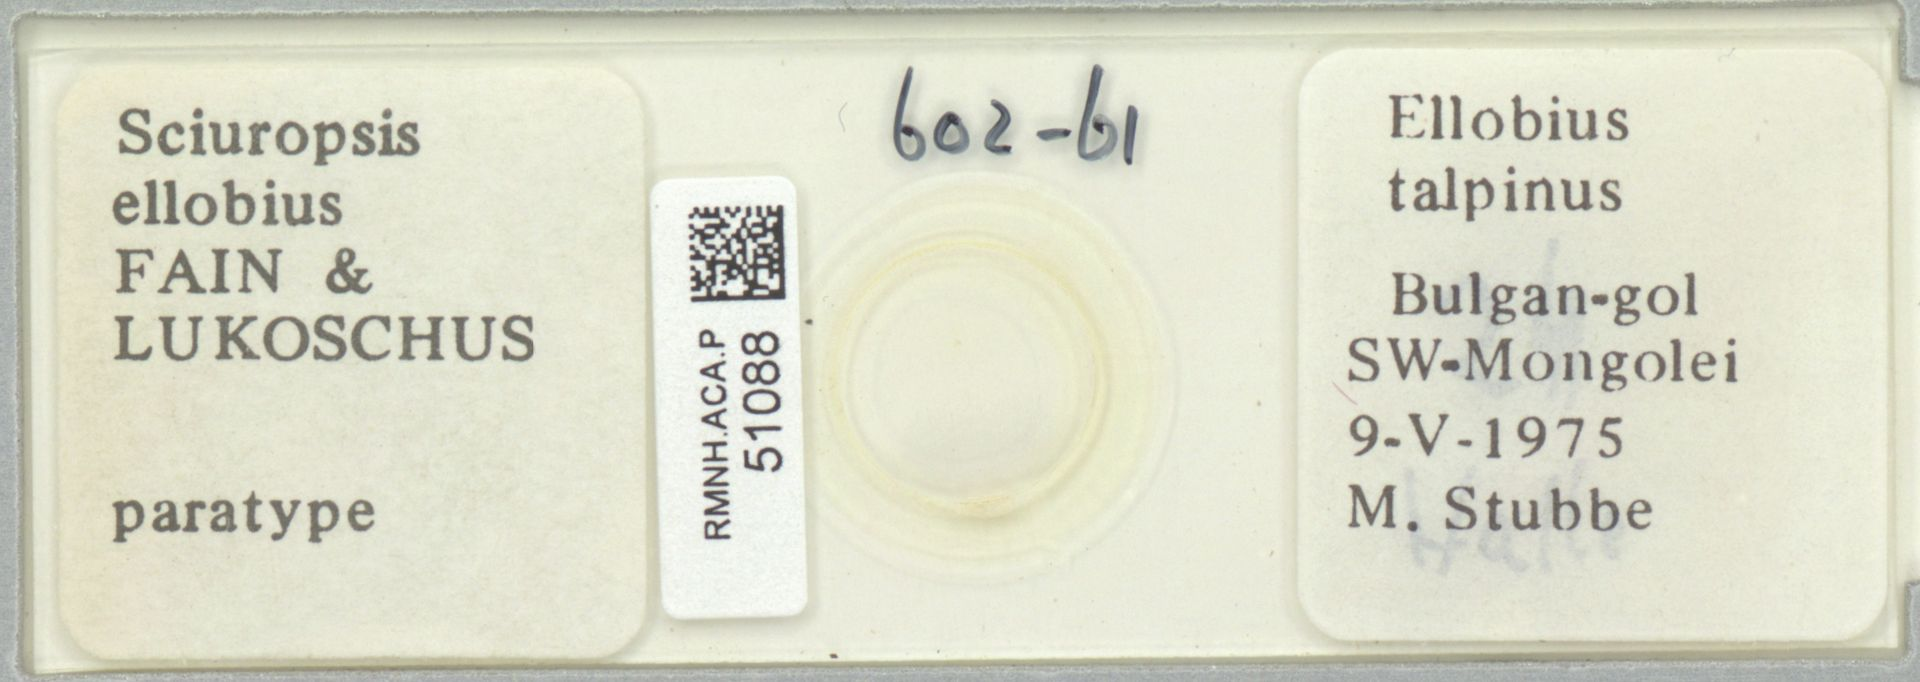 RMNH.ACA.P.51088 | Sciuropsis ellobius Fain & Lukoschus